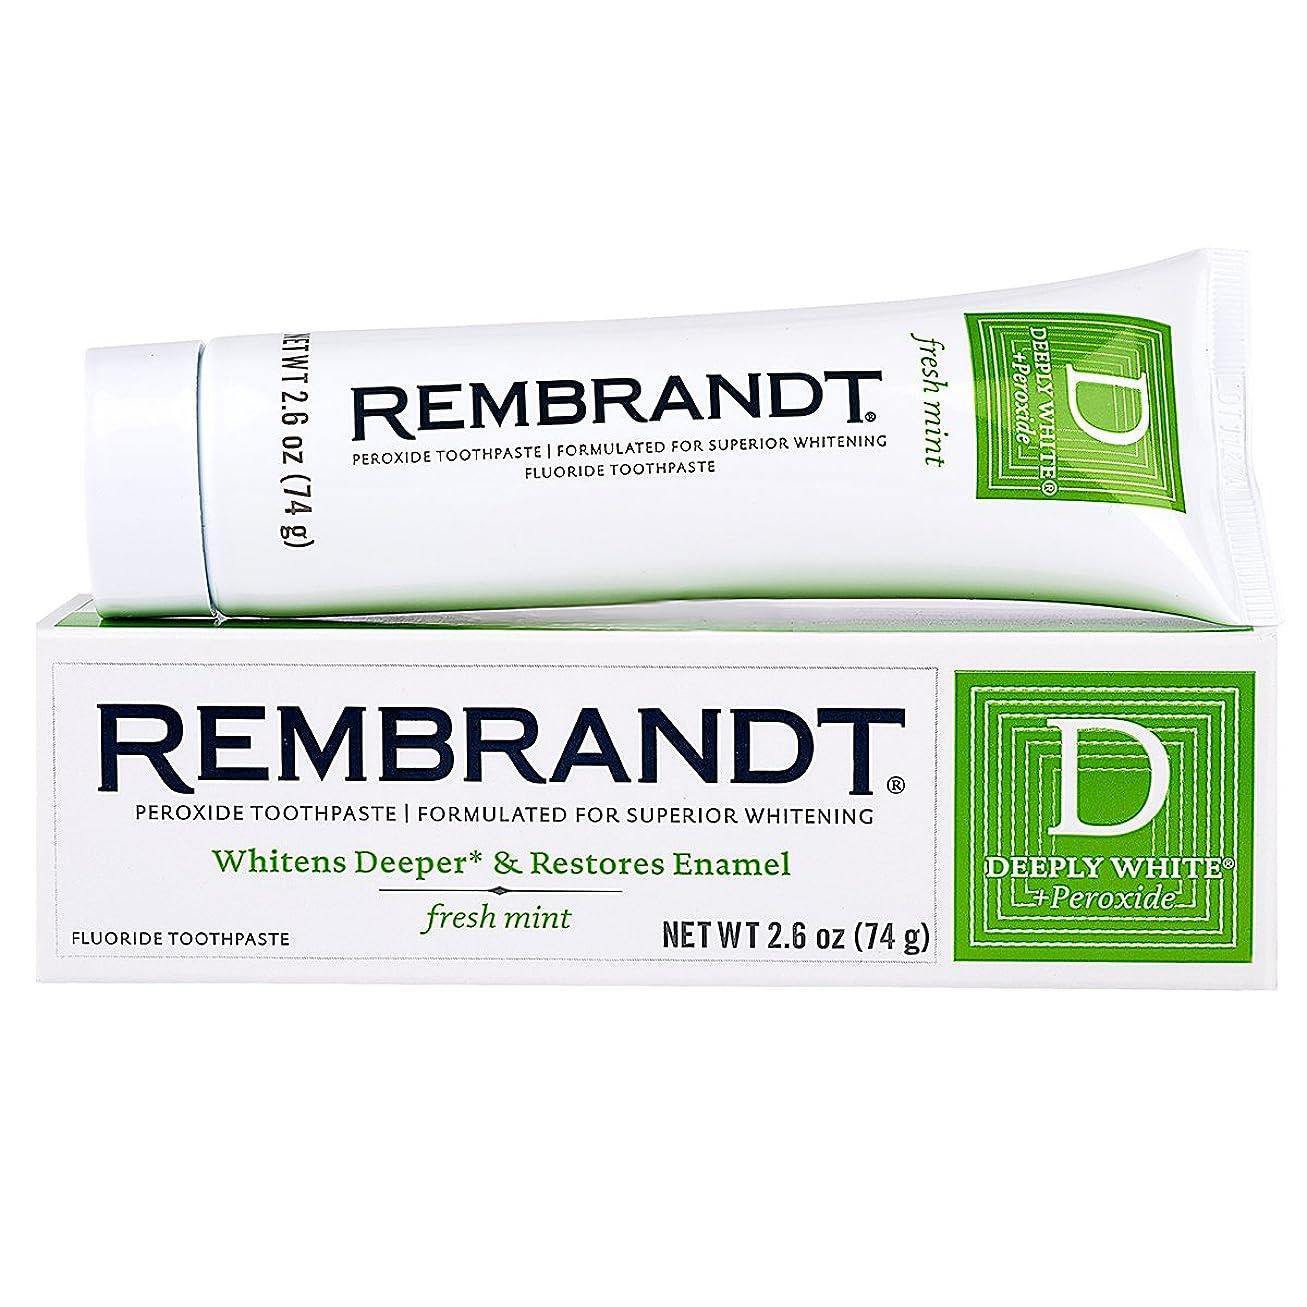 ヘリコプターずっと北Rembrandt フッ化物に深くホワイト+過酸化物ホワイトニング歯磨き、フレッシュミント2.6オンス(8パック)